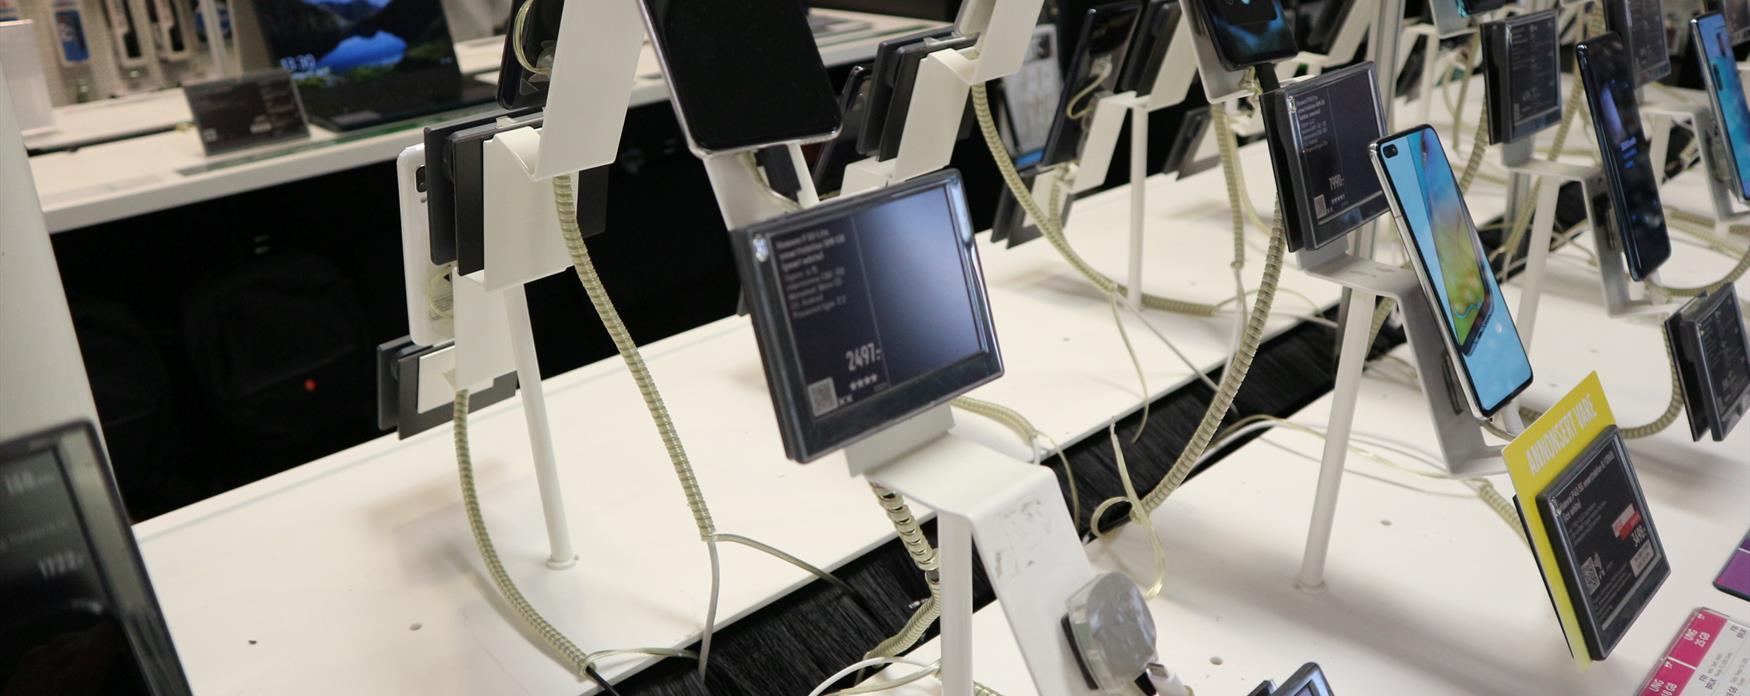 mobiler i butikk